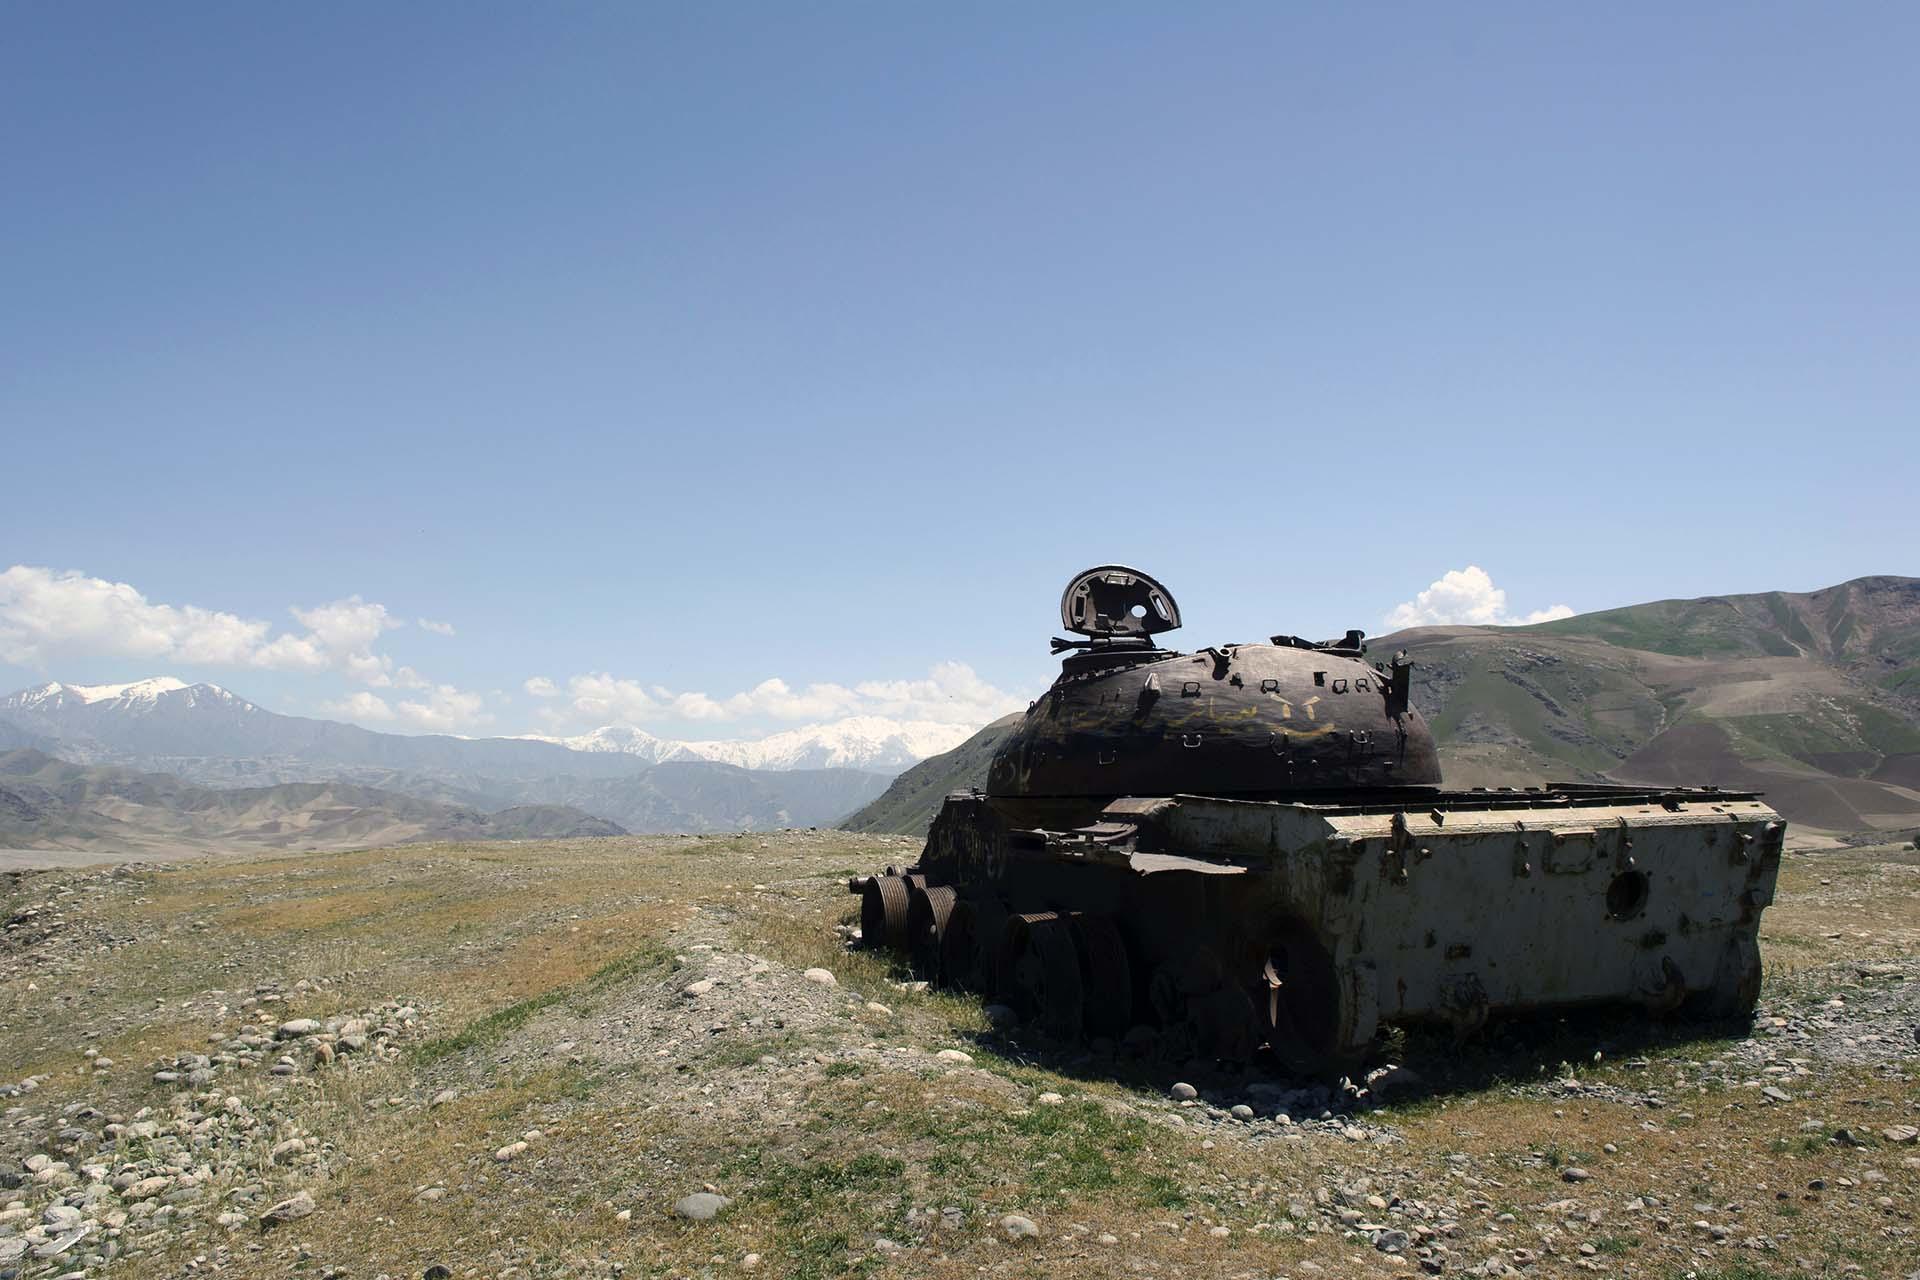 Zerstörter sowjetischer Panzer in Nord-Afghanistan |  Bild (Ausschnitt): © Ernst Hansmann [Royalty Free]  - Dreamstime.com